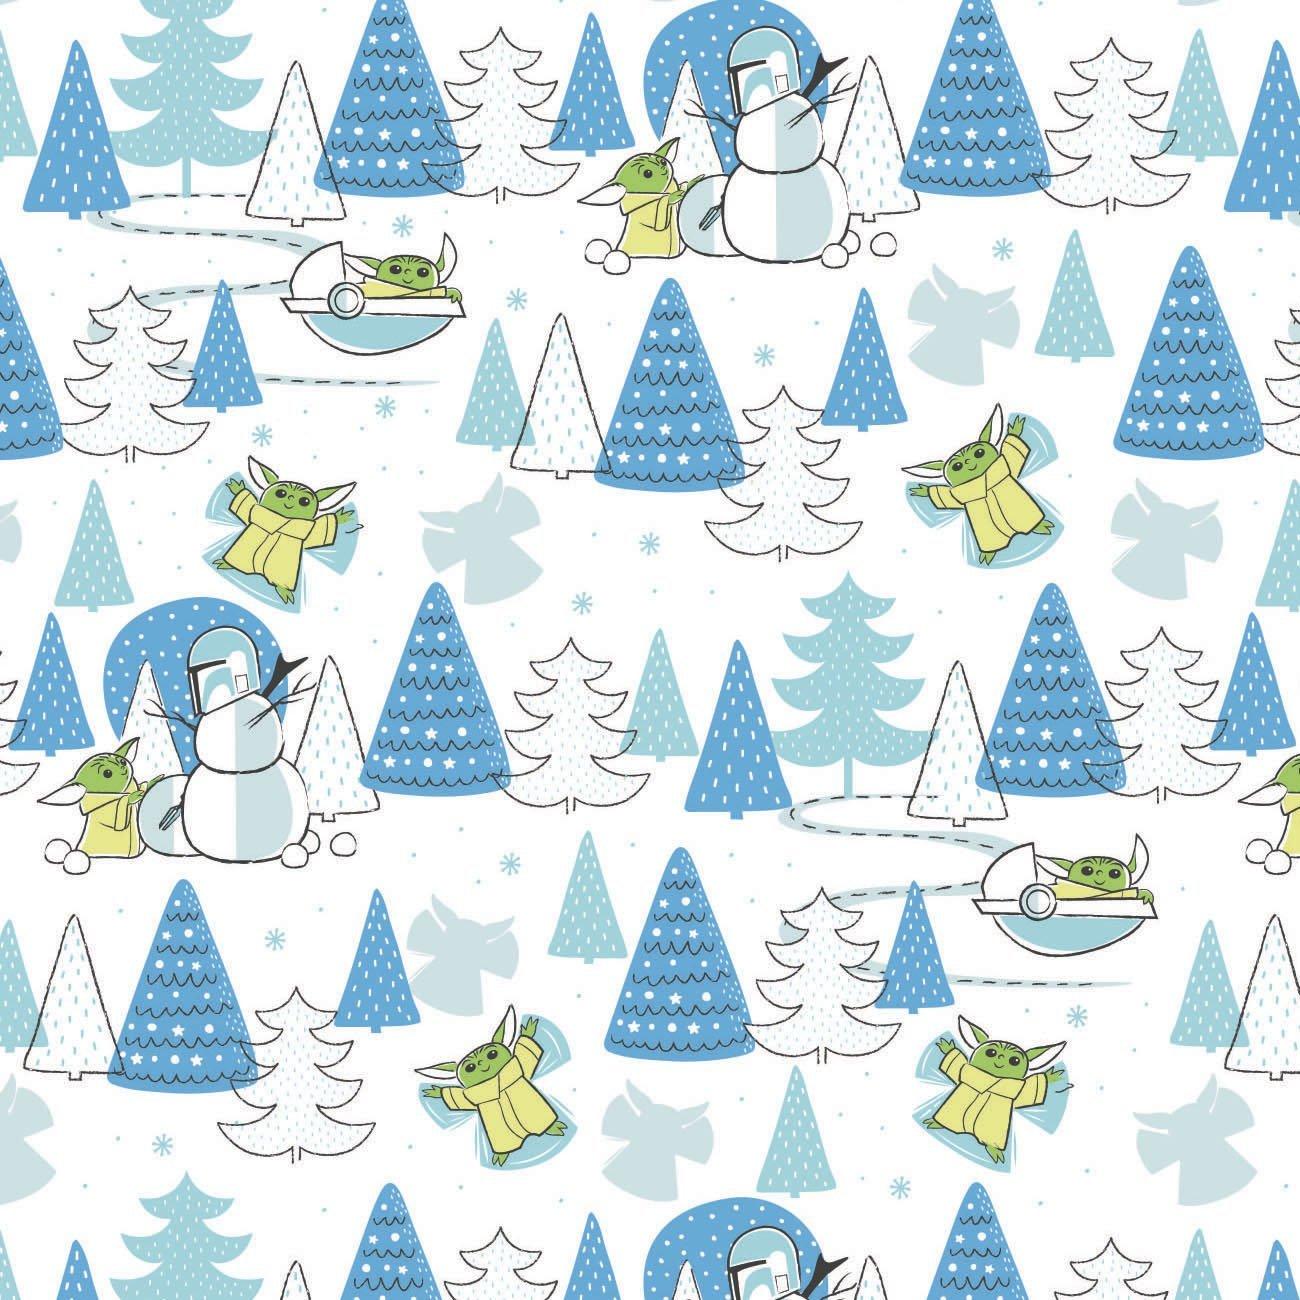 Star Wars Child Snow Day Cotton